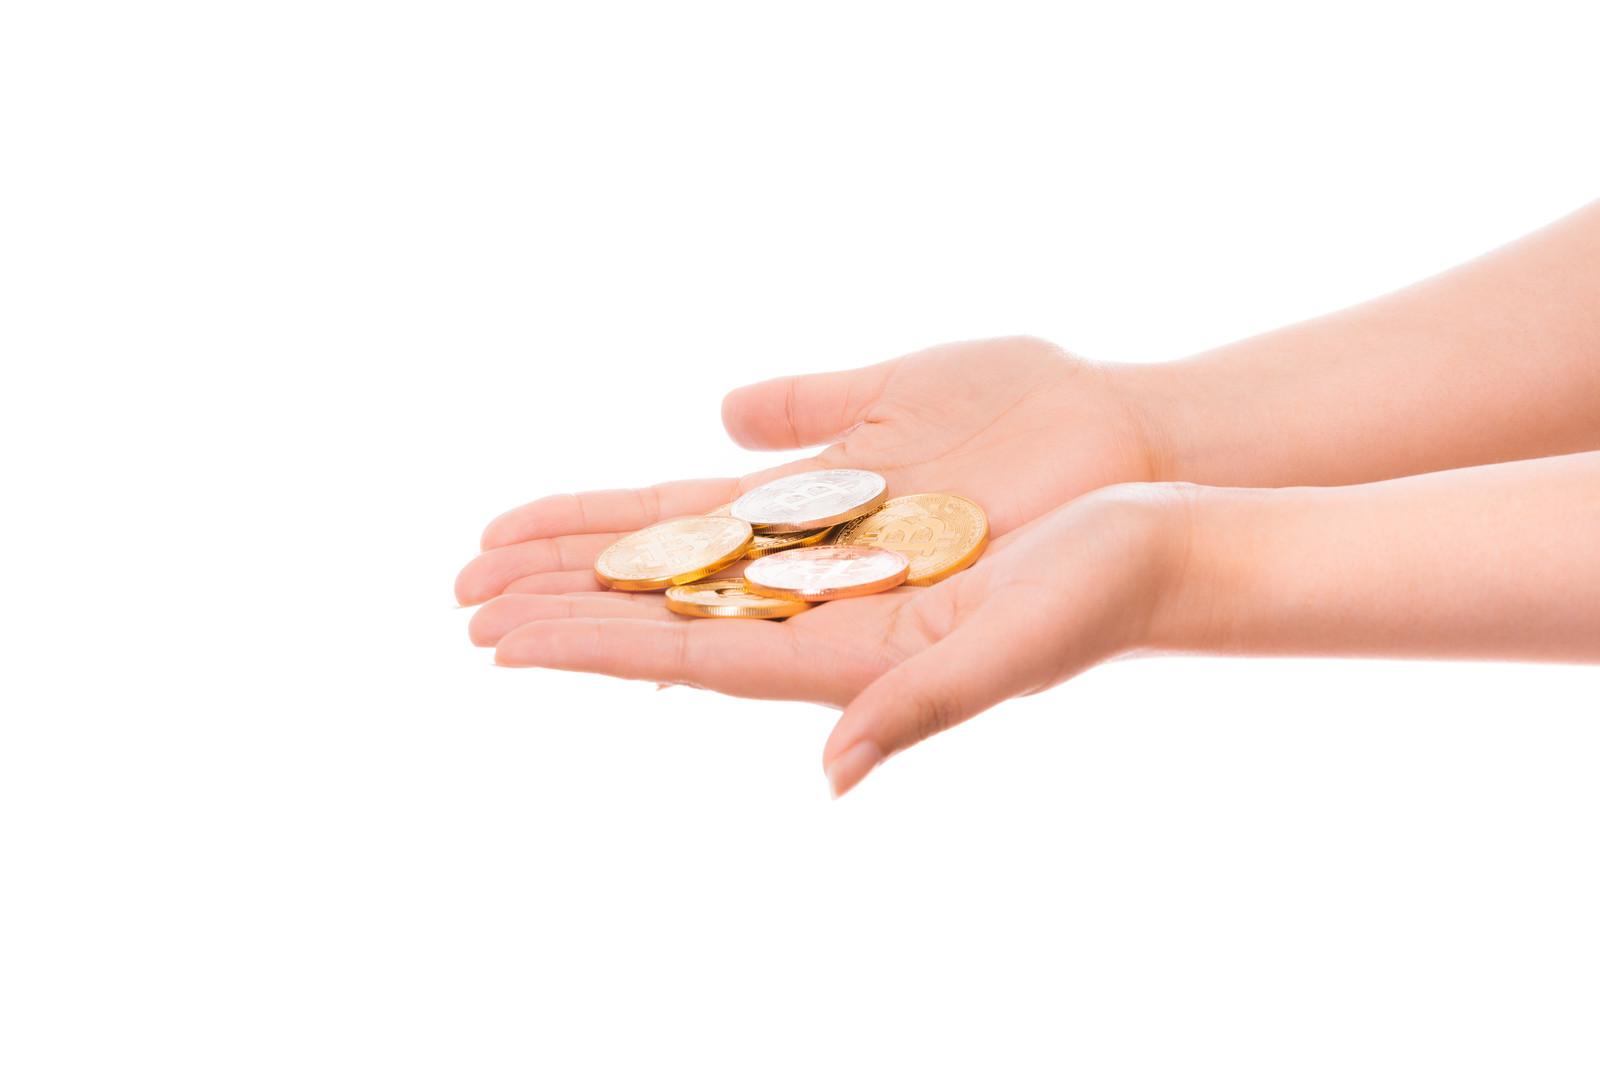 収入が安定している保証人を立てる